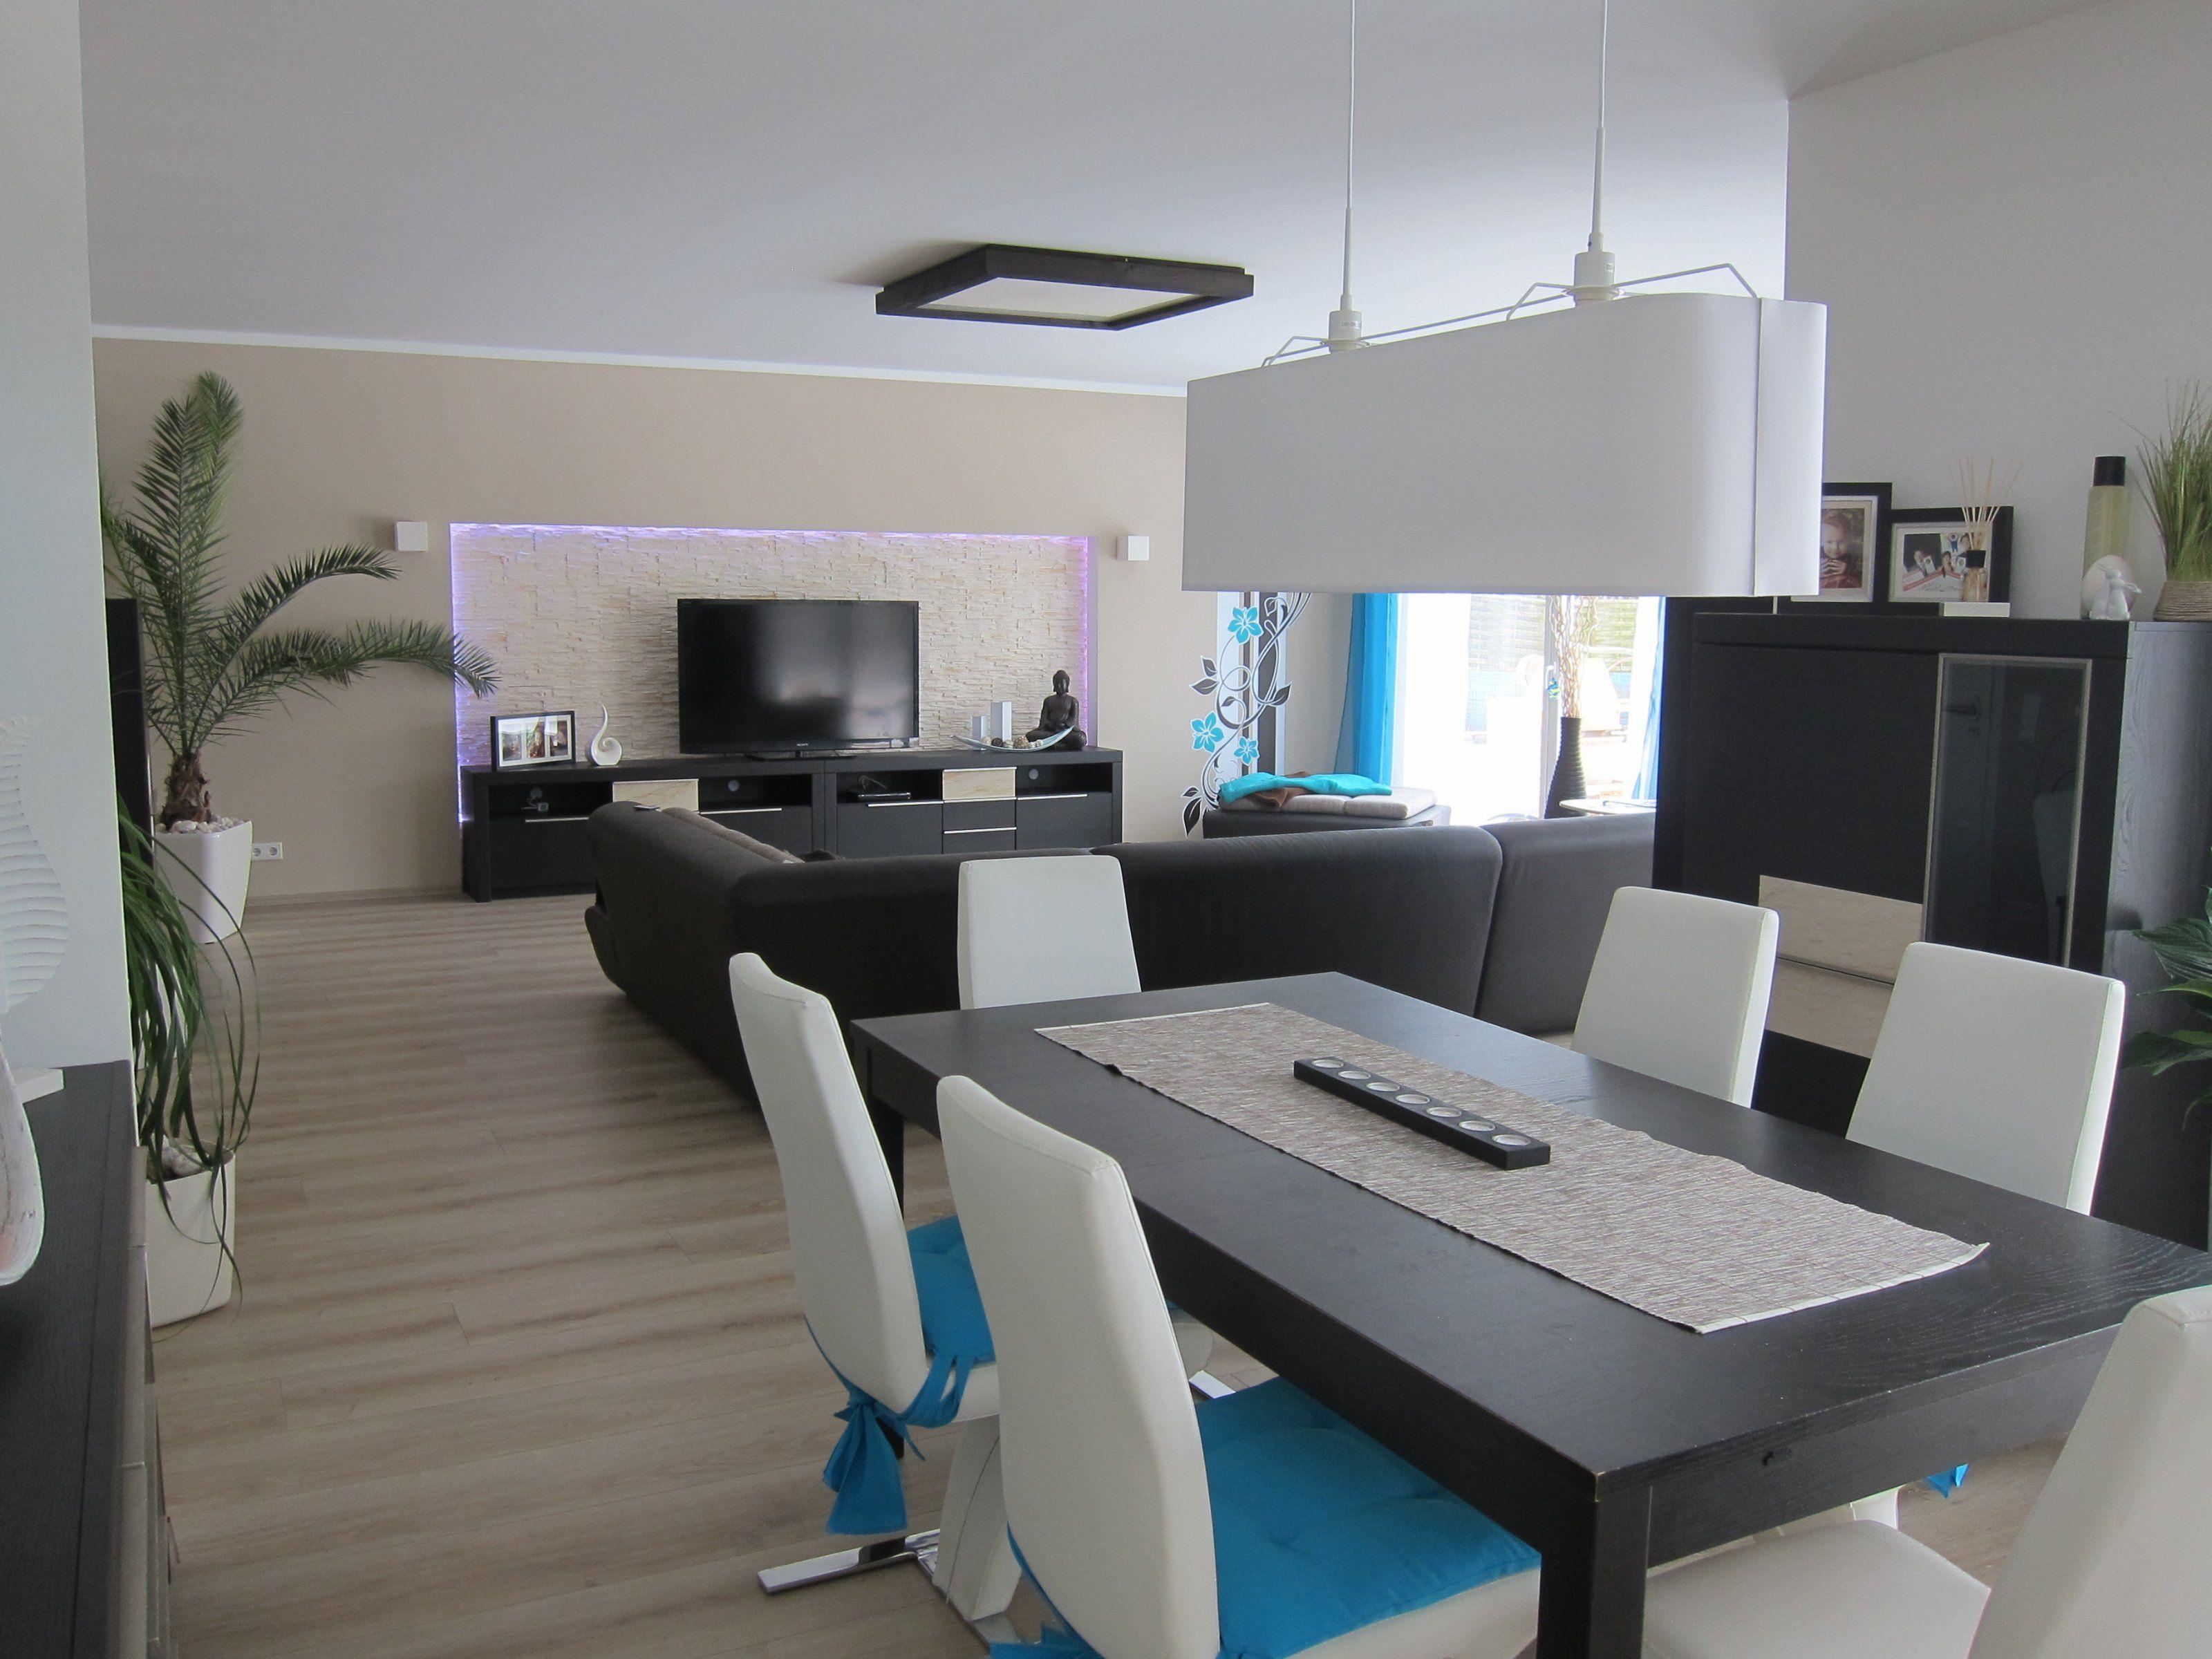 12 Klassisch Fotos Von Küche Und Wohnzimmer In Einem Raum ...